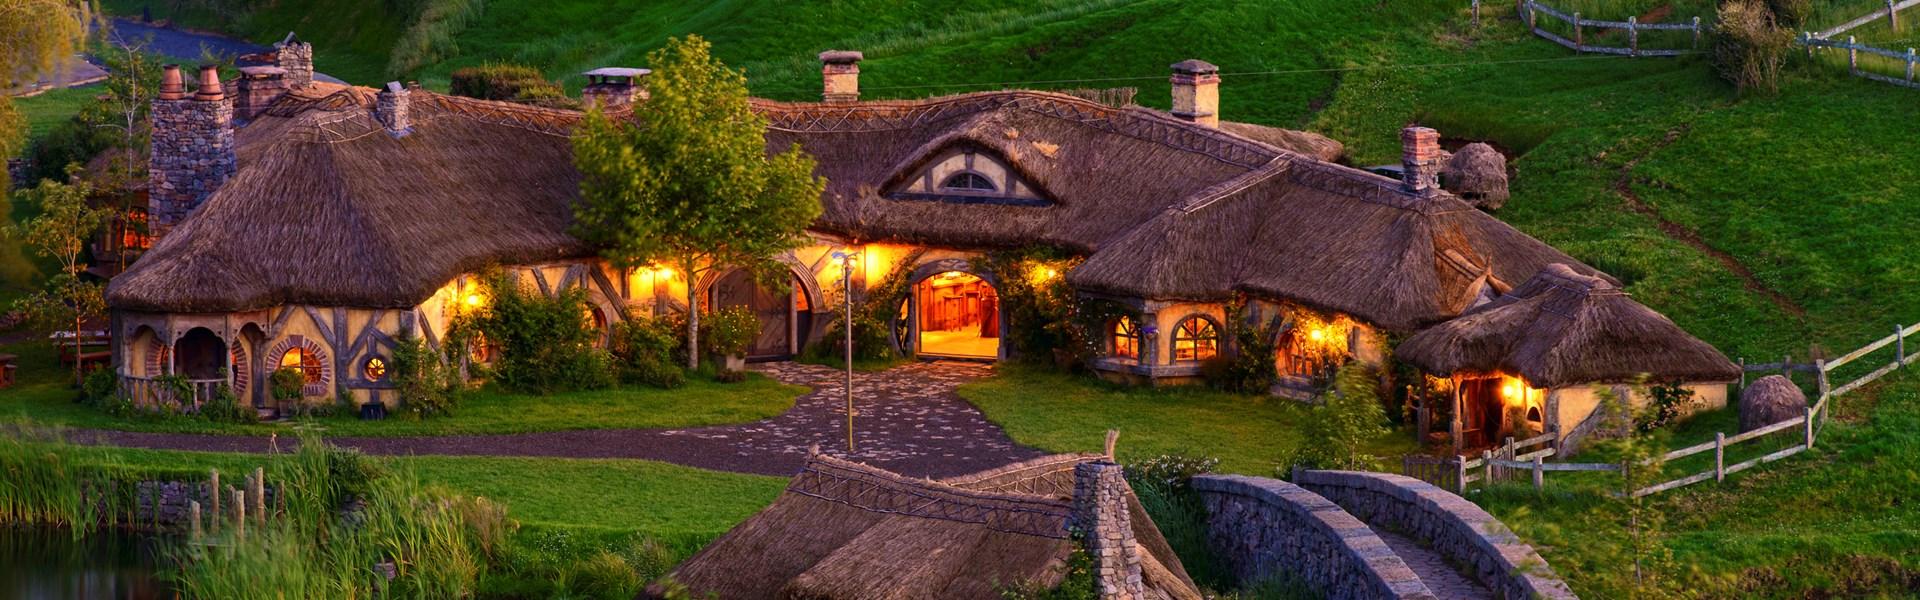 The Green Dragon™ Inn